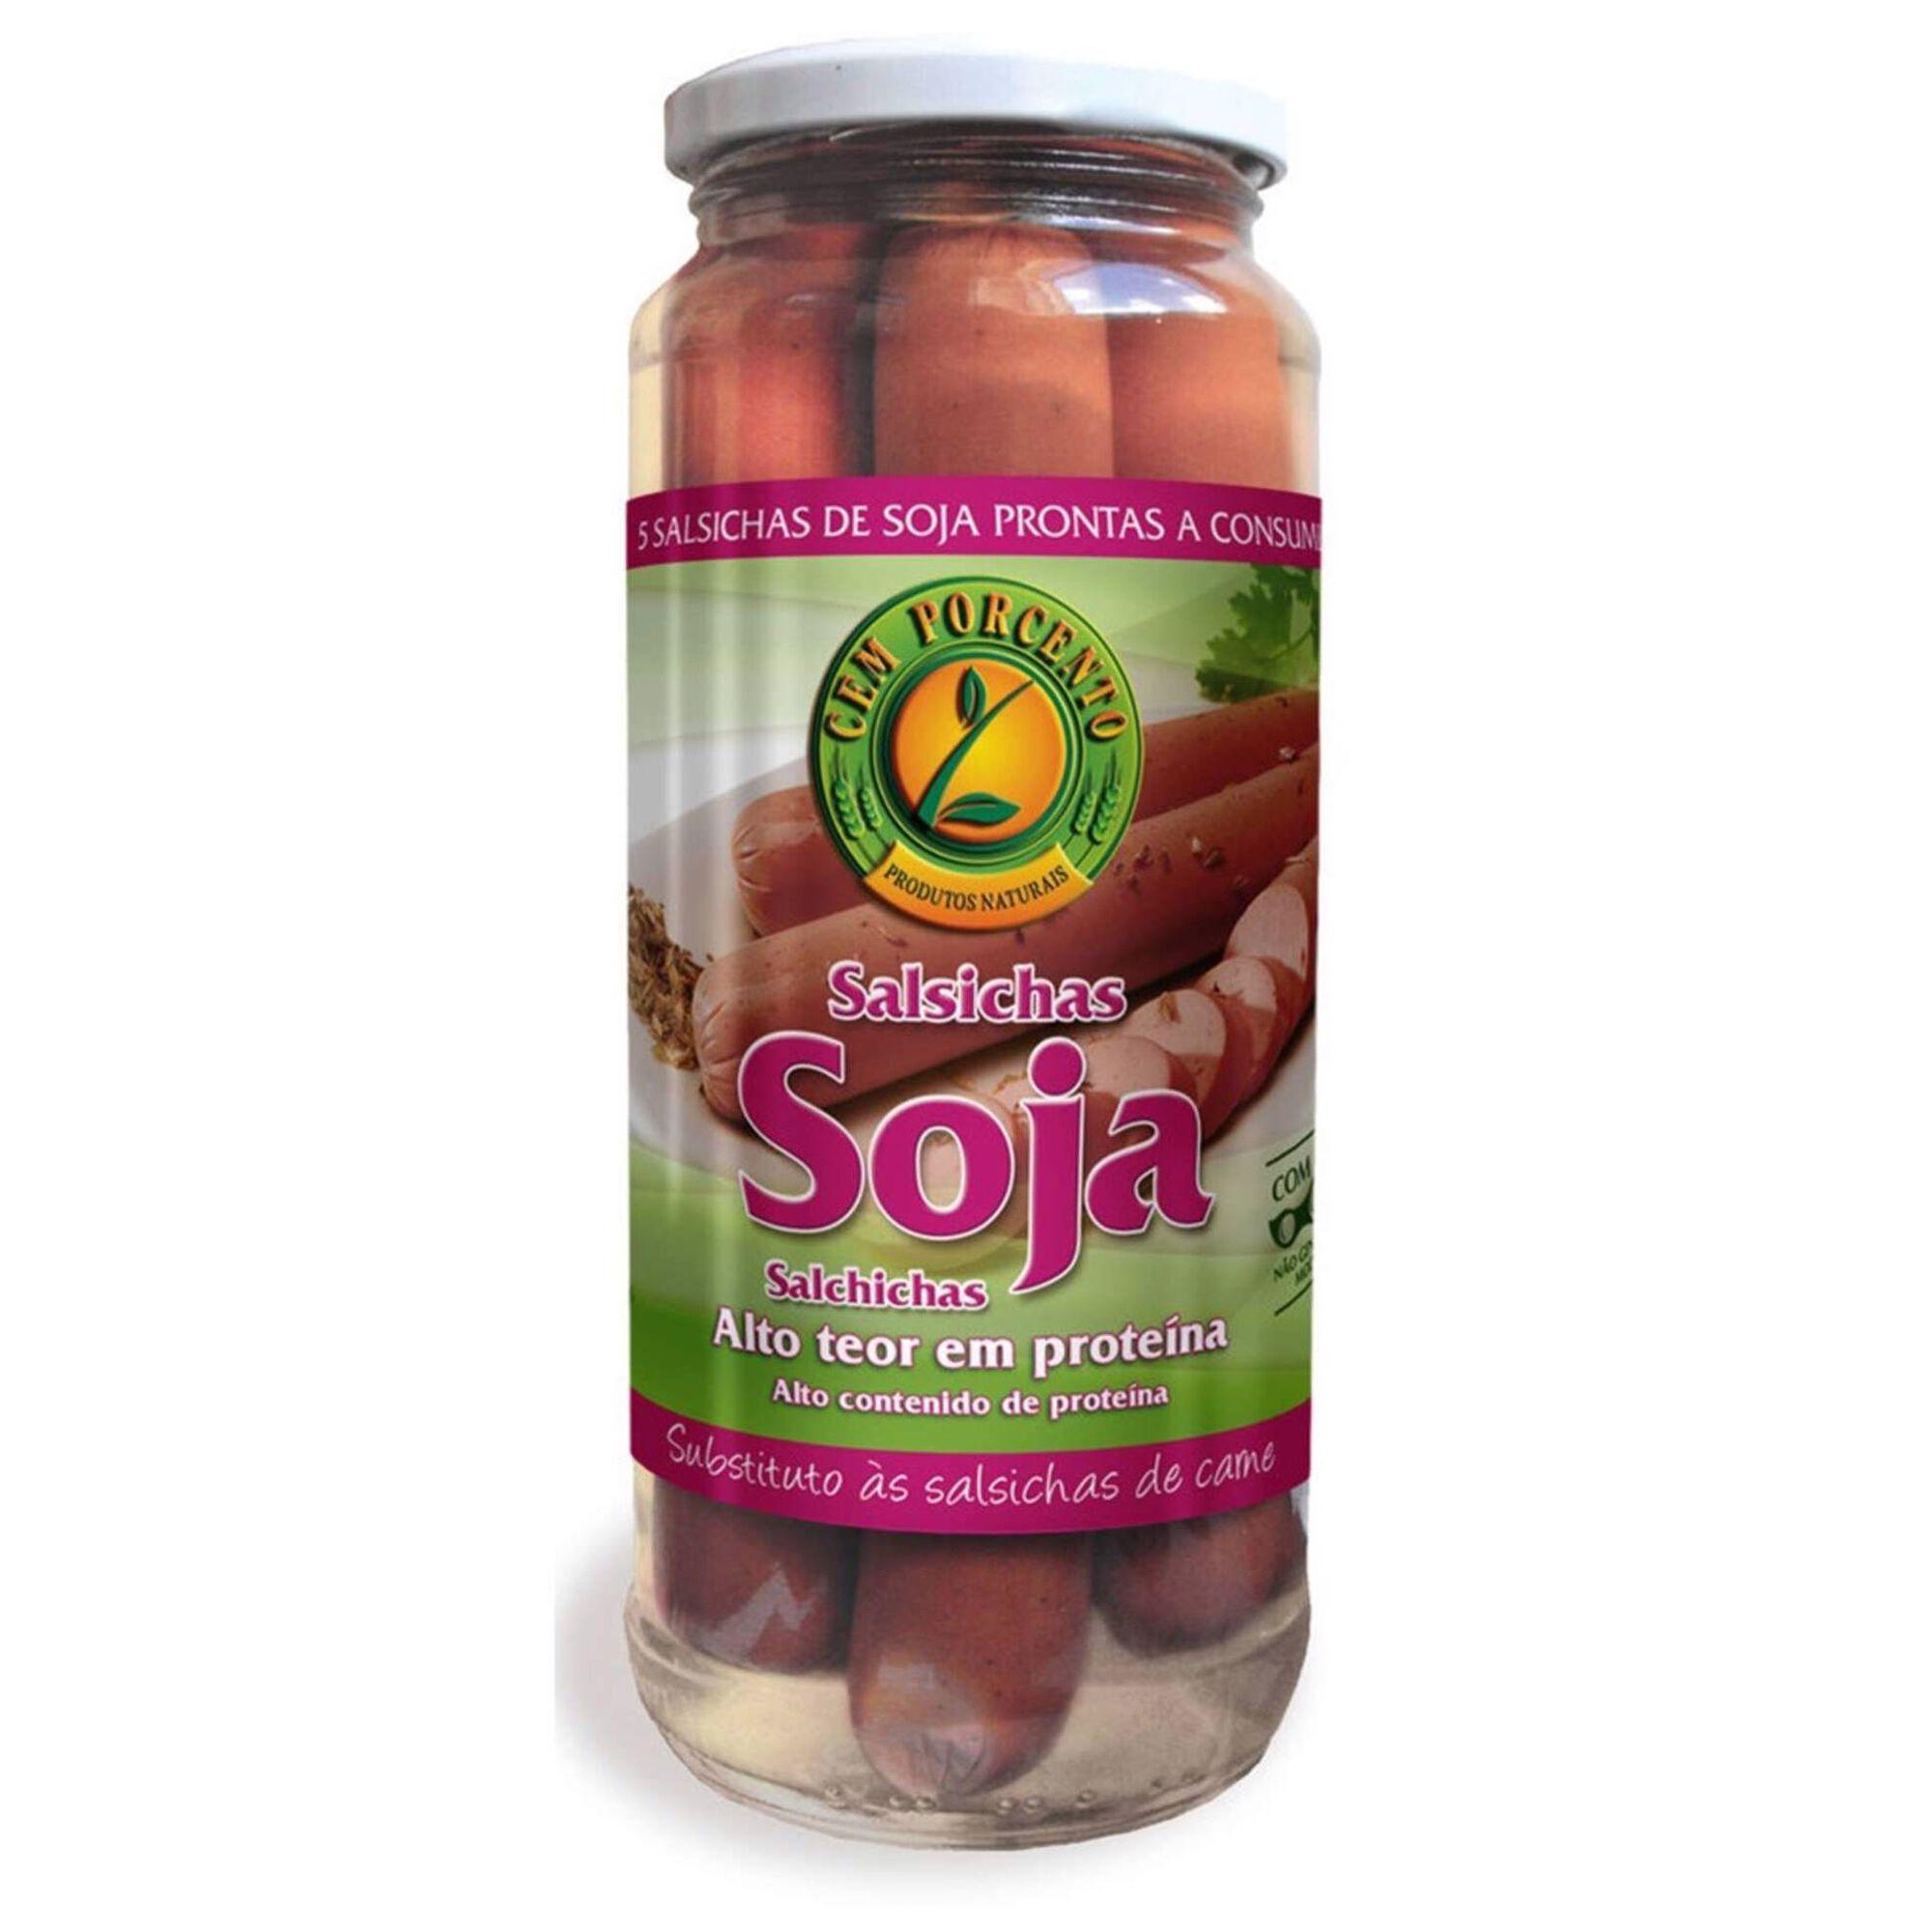 Salsichas de Soja